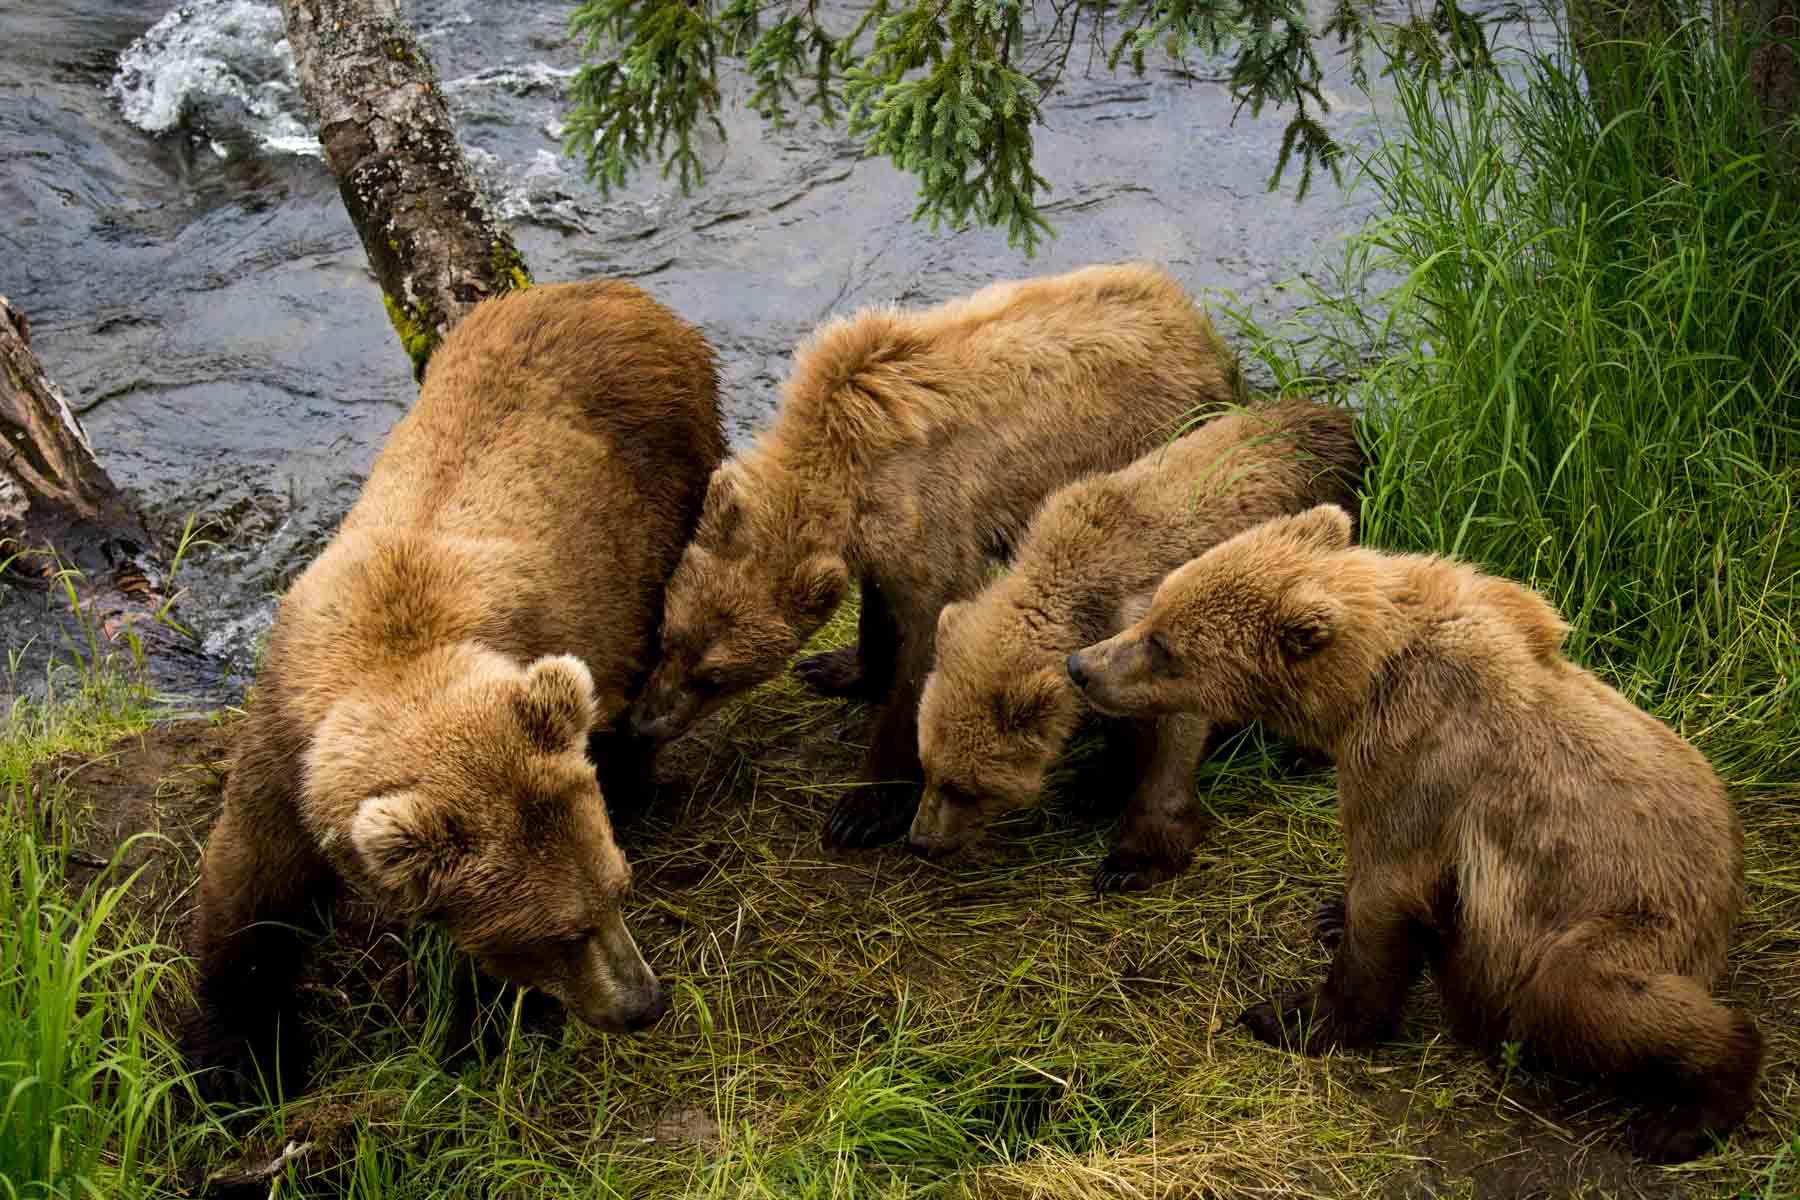 Bears huddled together